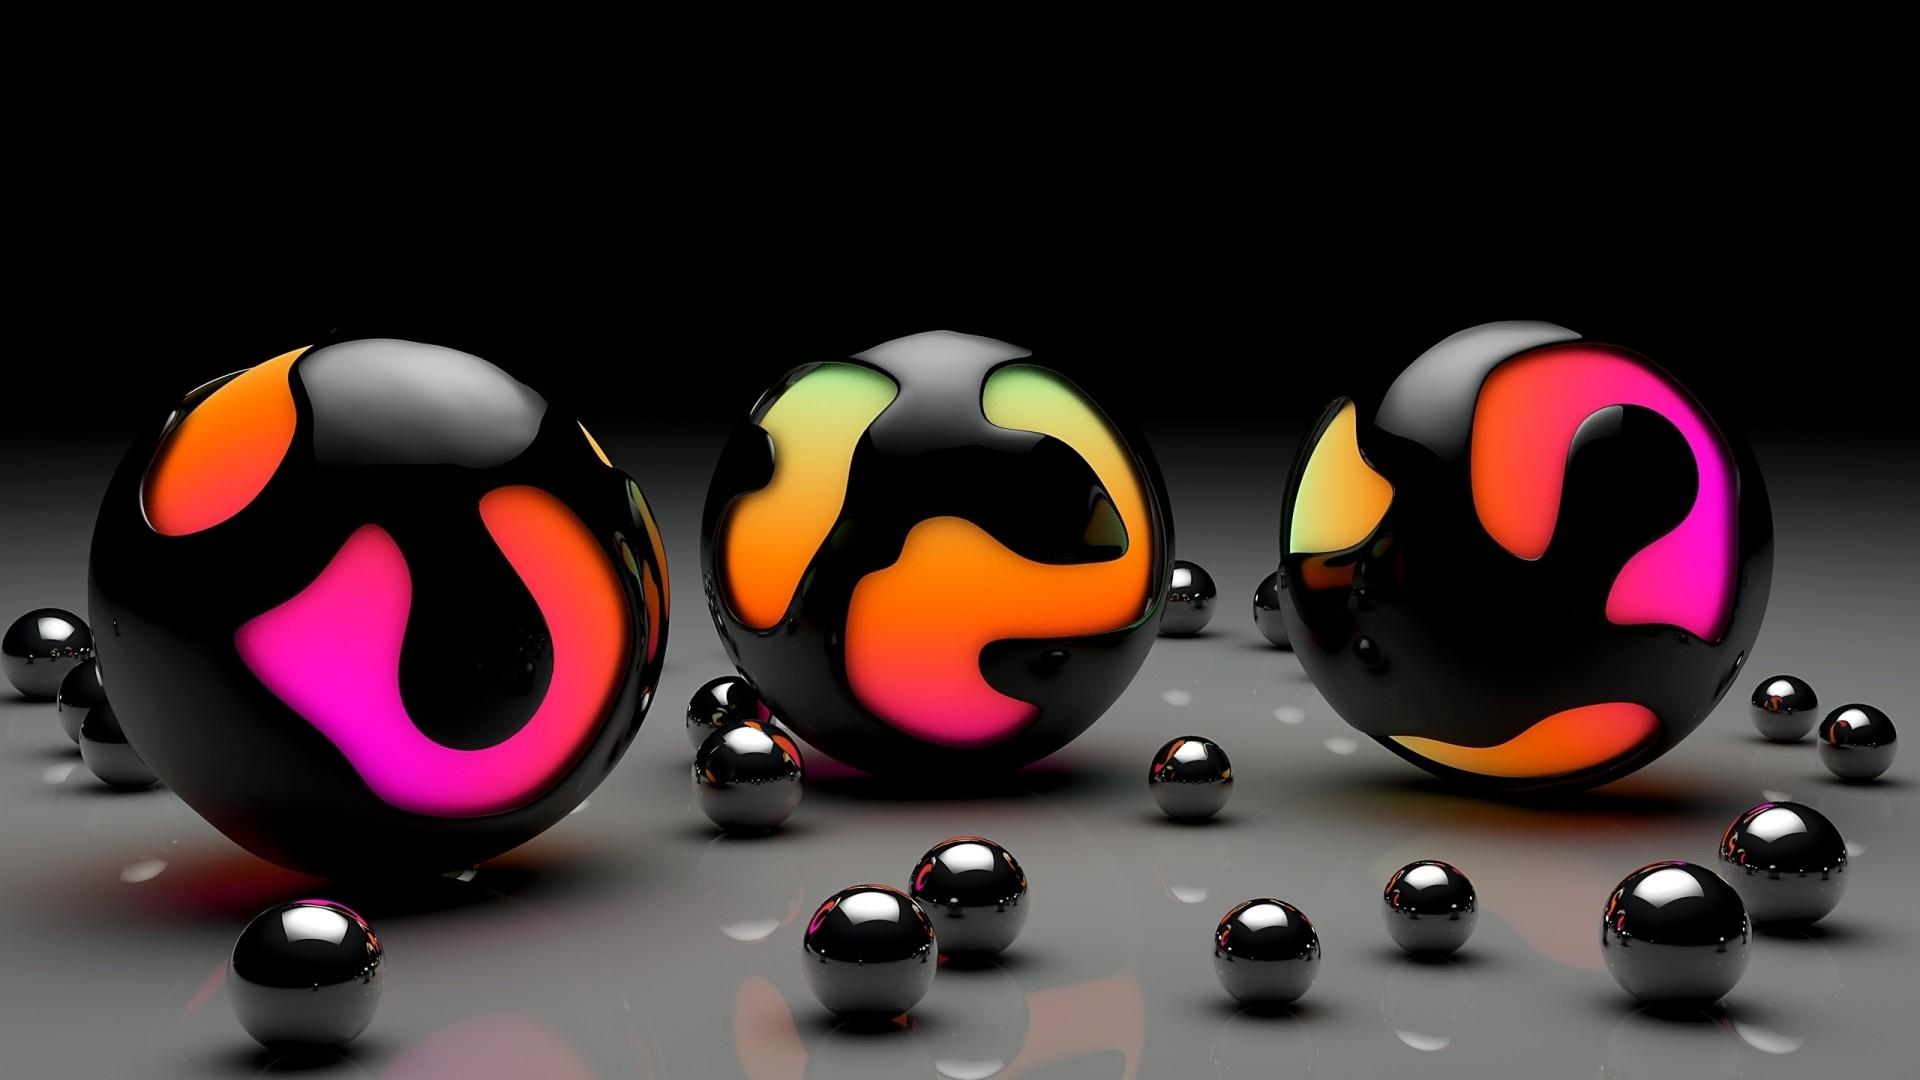 Good Wallpaper Marble Ball - sphere-marble-ball-ART-games-1920x1080-px-computer-wallpaper-font-billiard-ball-pocket-billiards-553282  Photograph_705370.jpg